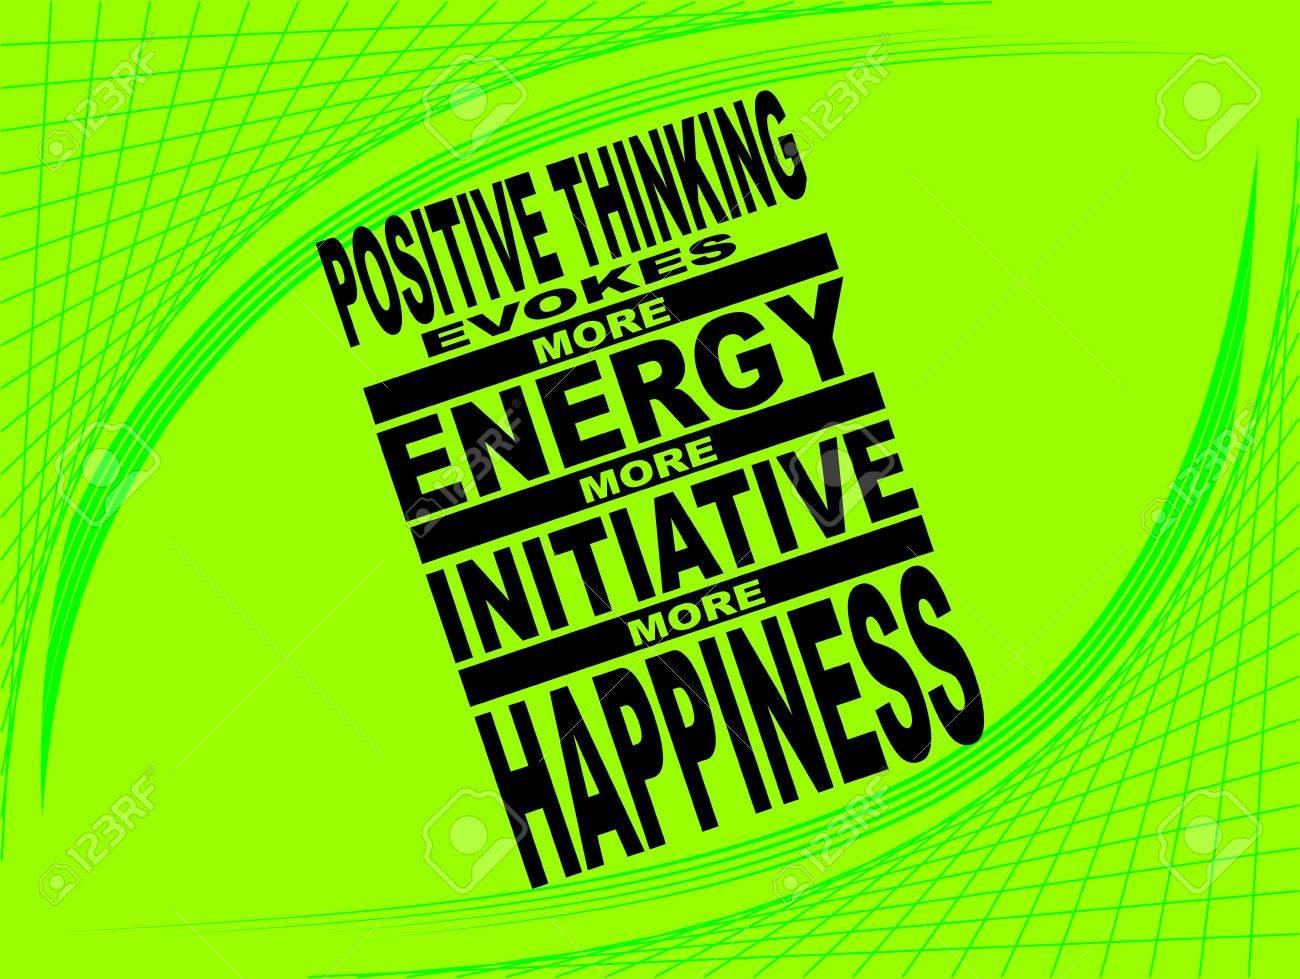 Cartel O Imagen De Fondo Con Una Frase Inspiradora El Pensamiento Positivo Evoca Más Energía Más Iniciativa Más Felicidad